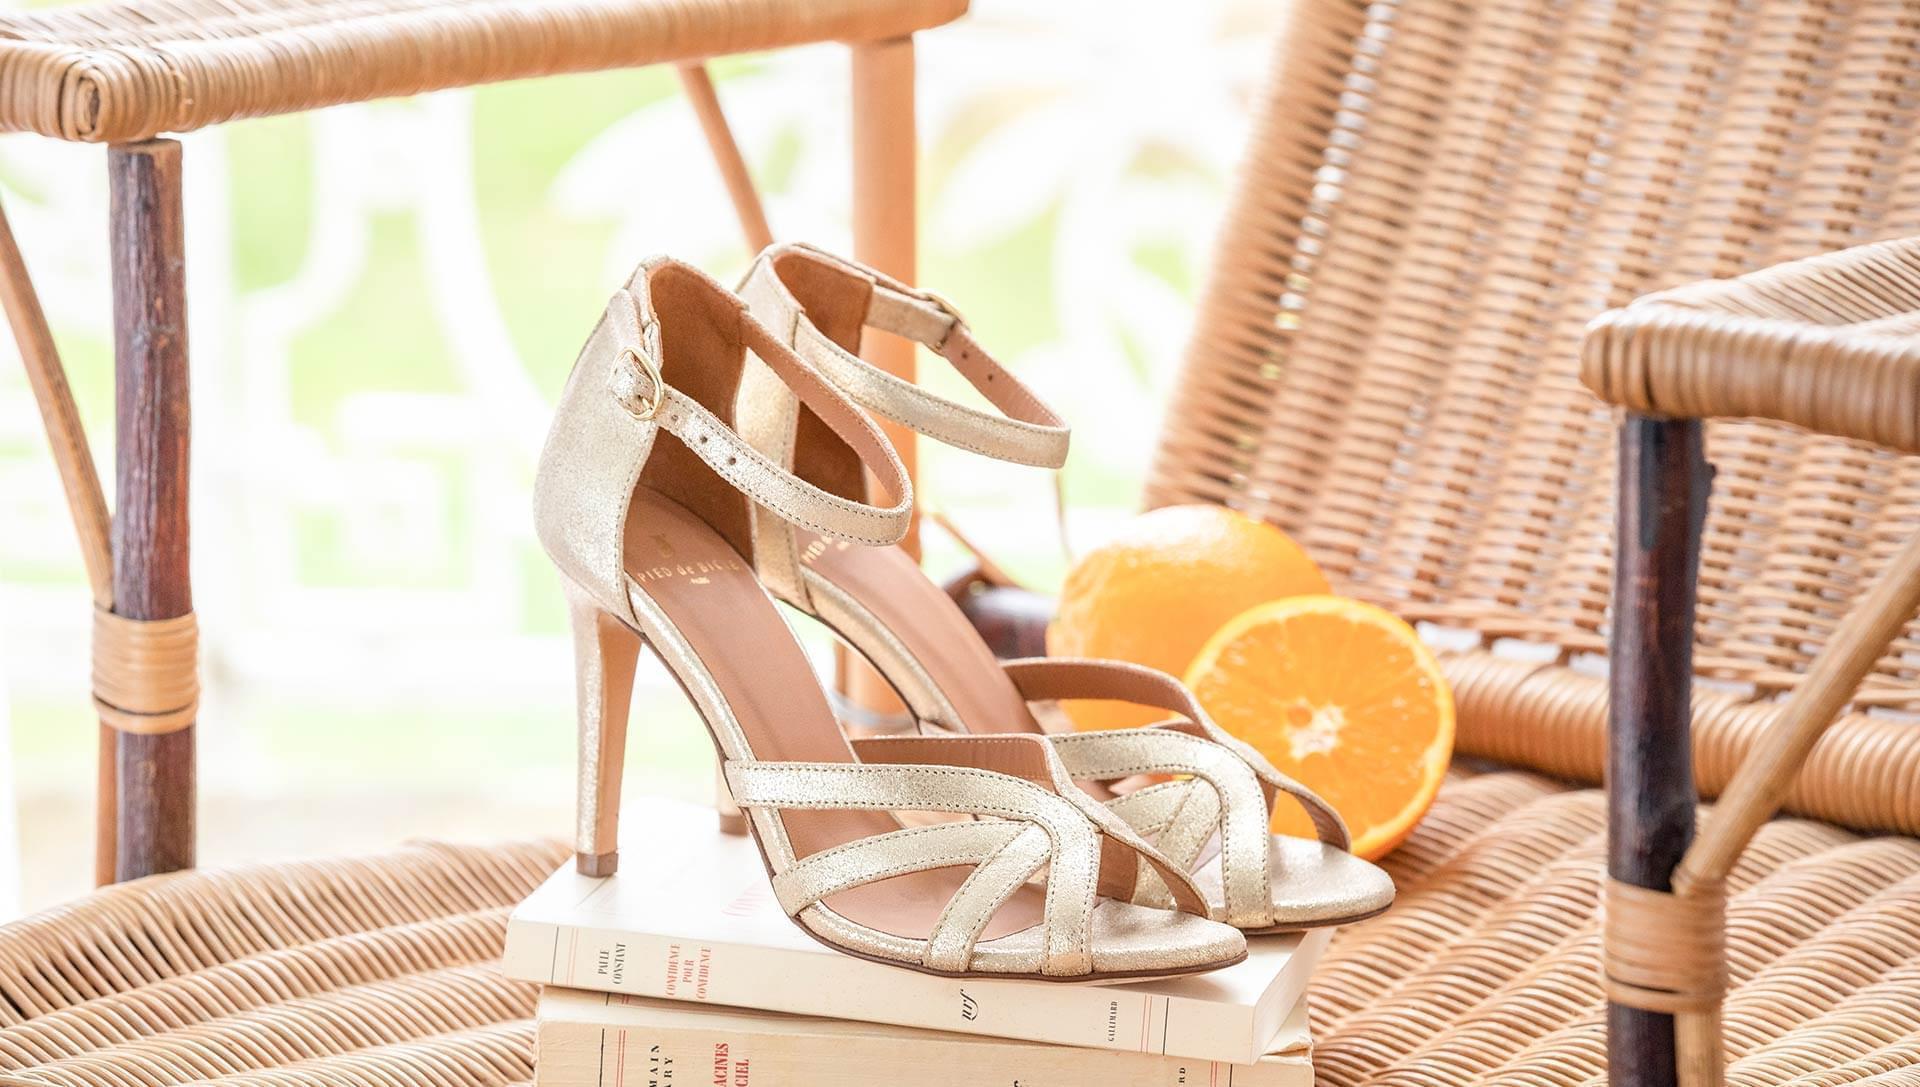 Hortense heeled sandals - Gold